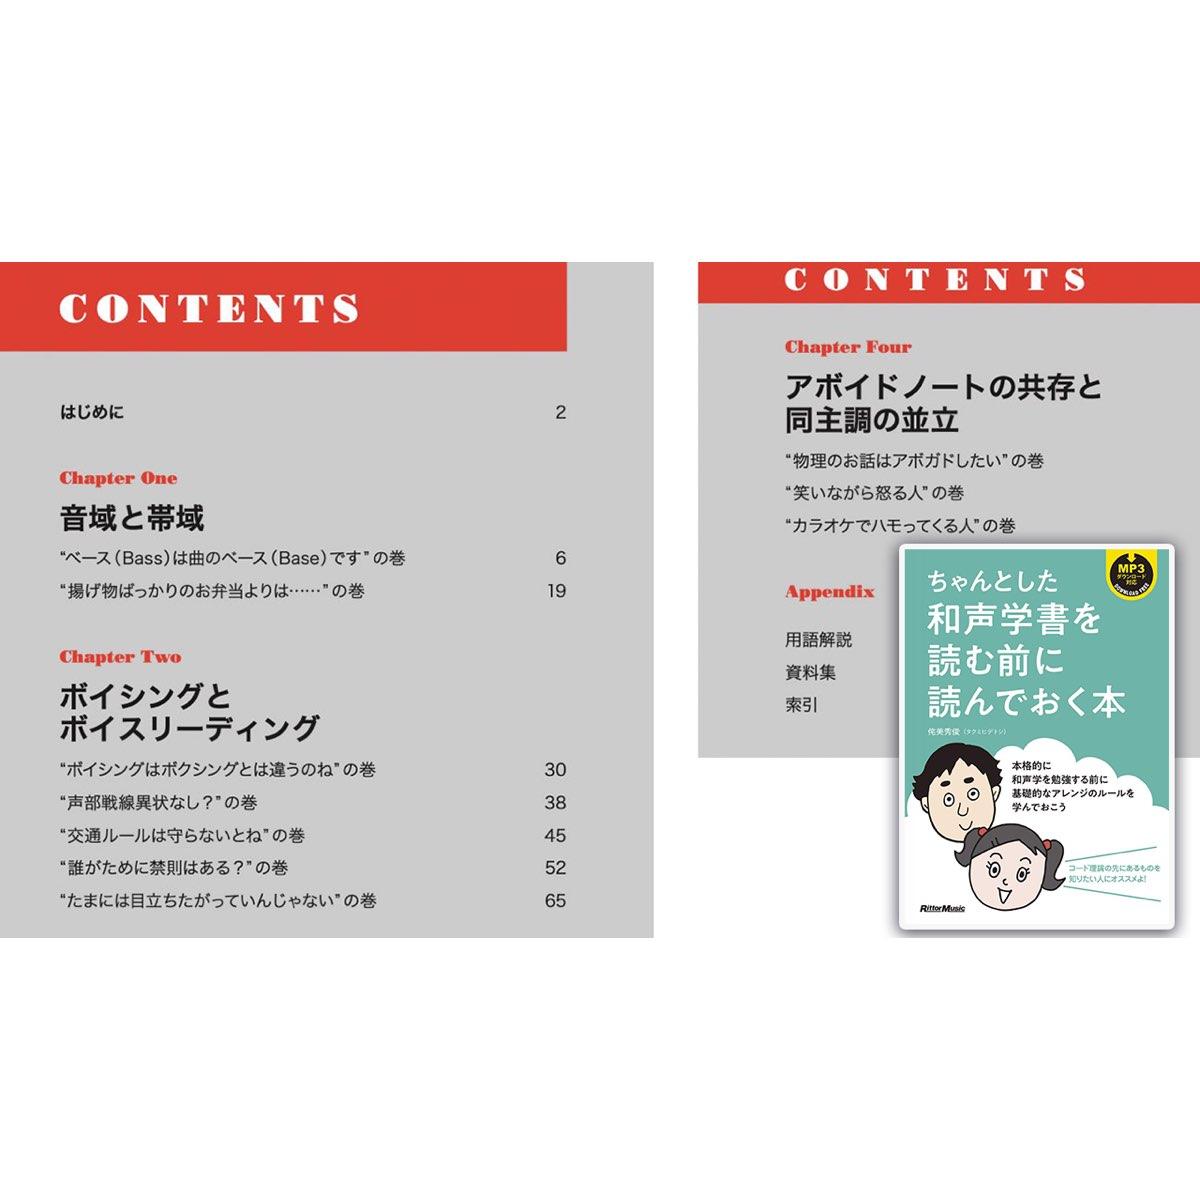 講師 侘美秀俊(著)「できる ゼロからはじめる楽典 超入門」発売!